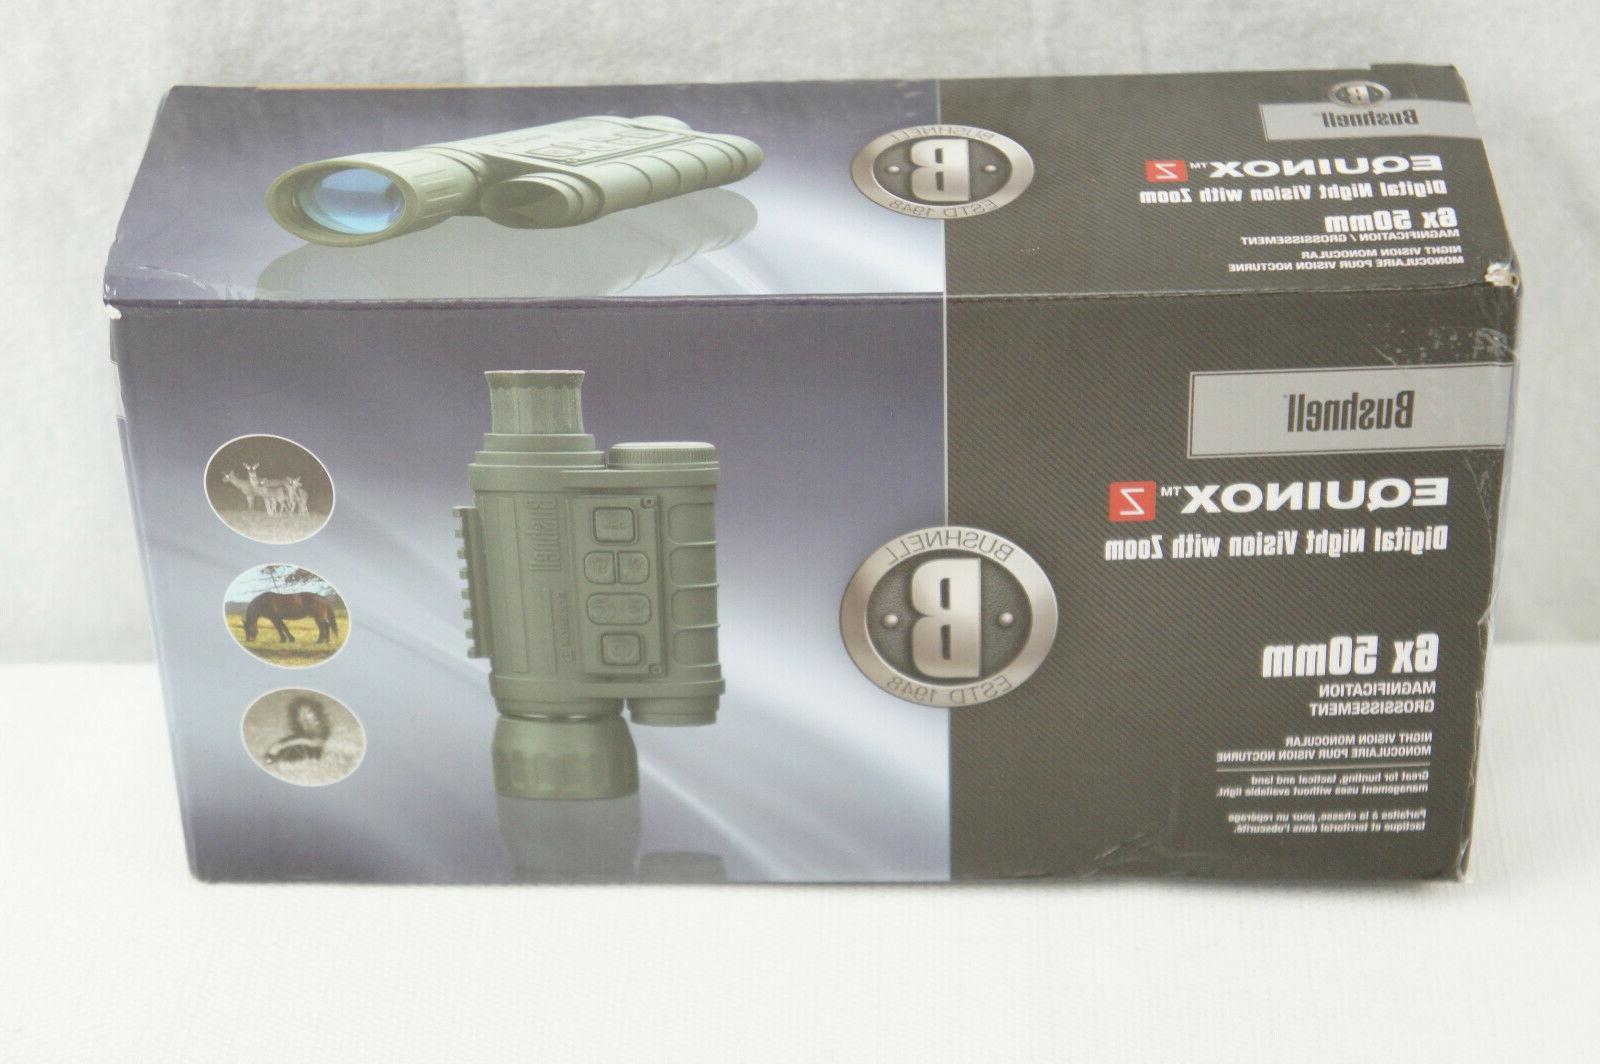 260150 6x50mm equinox z digital night vision